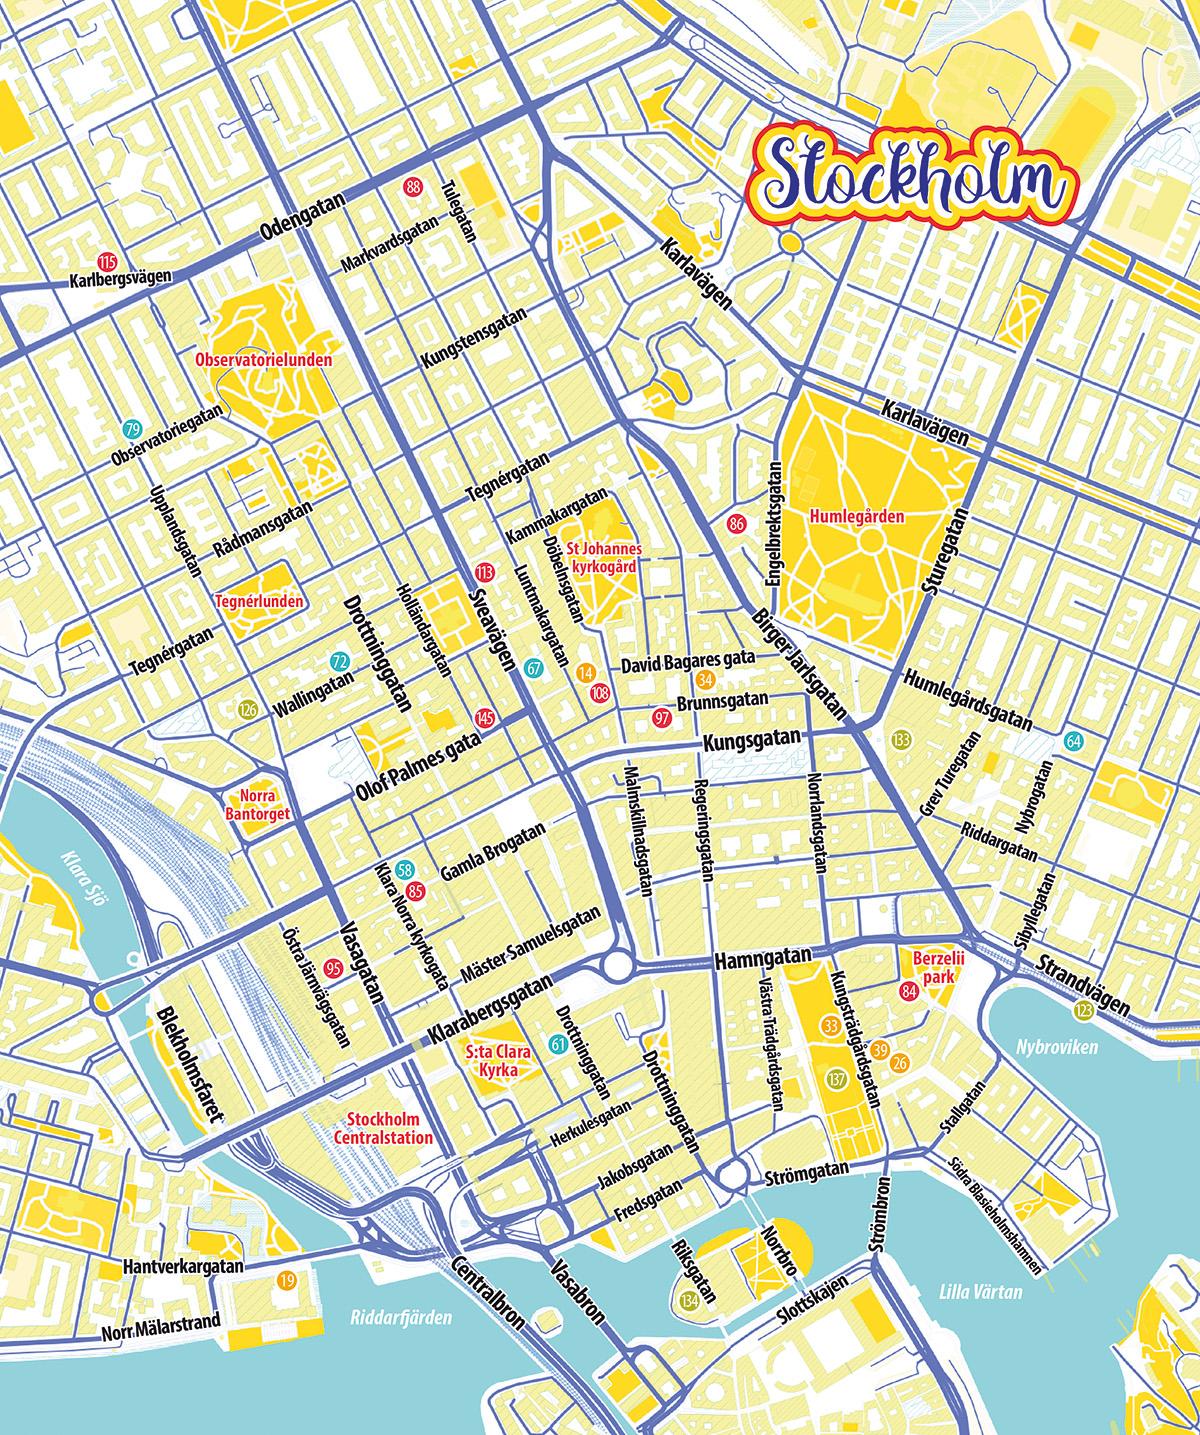 Stockholm_CentreVille